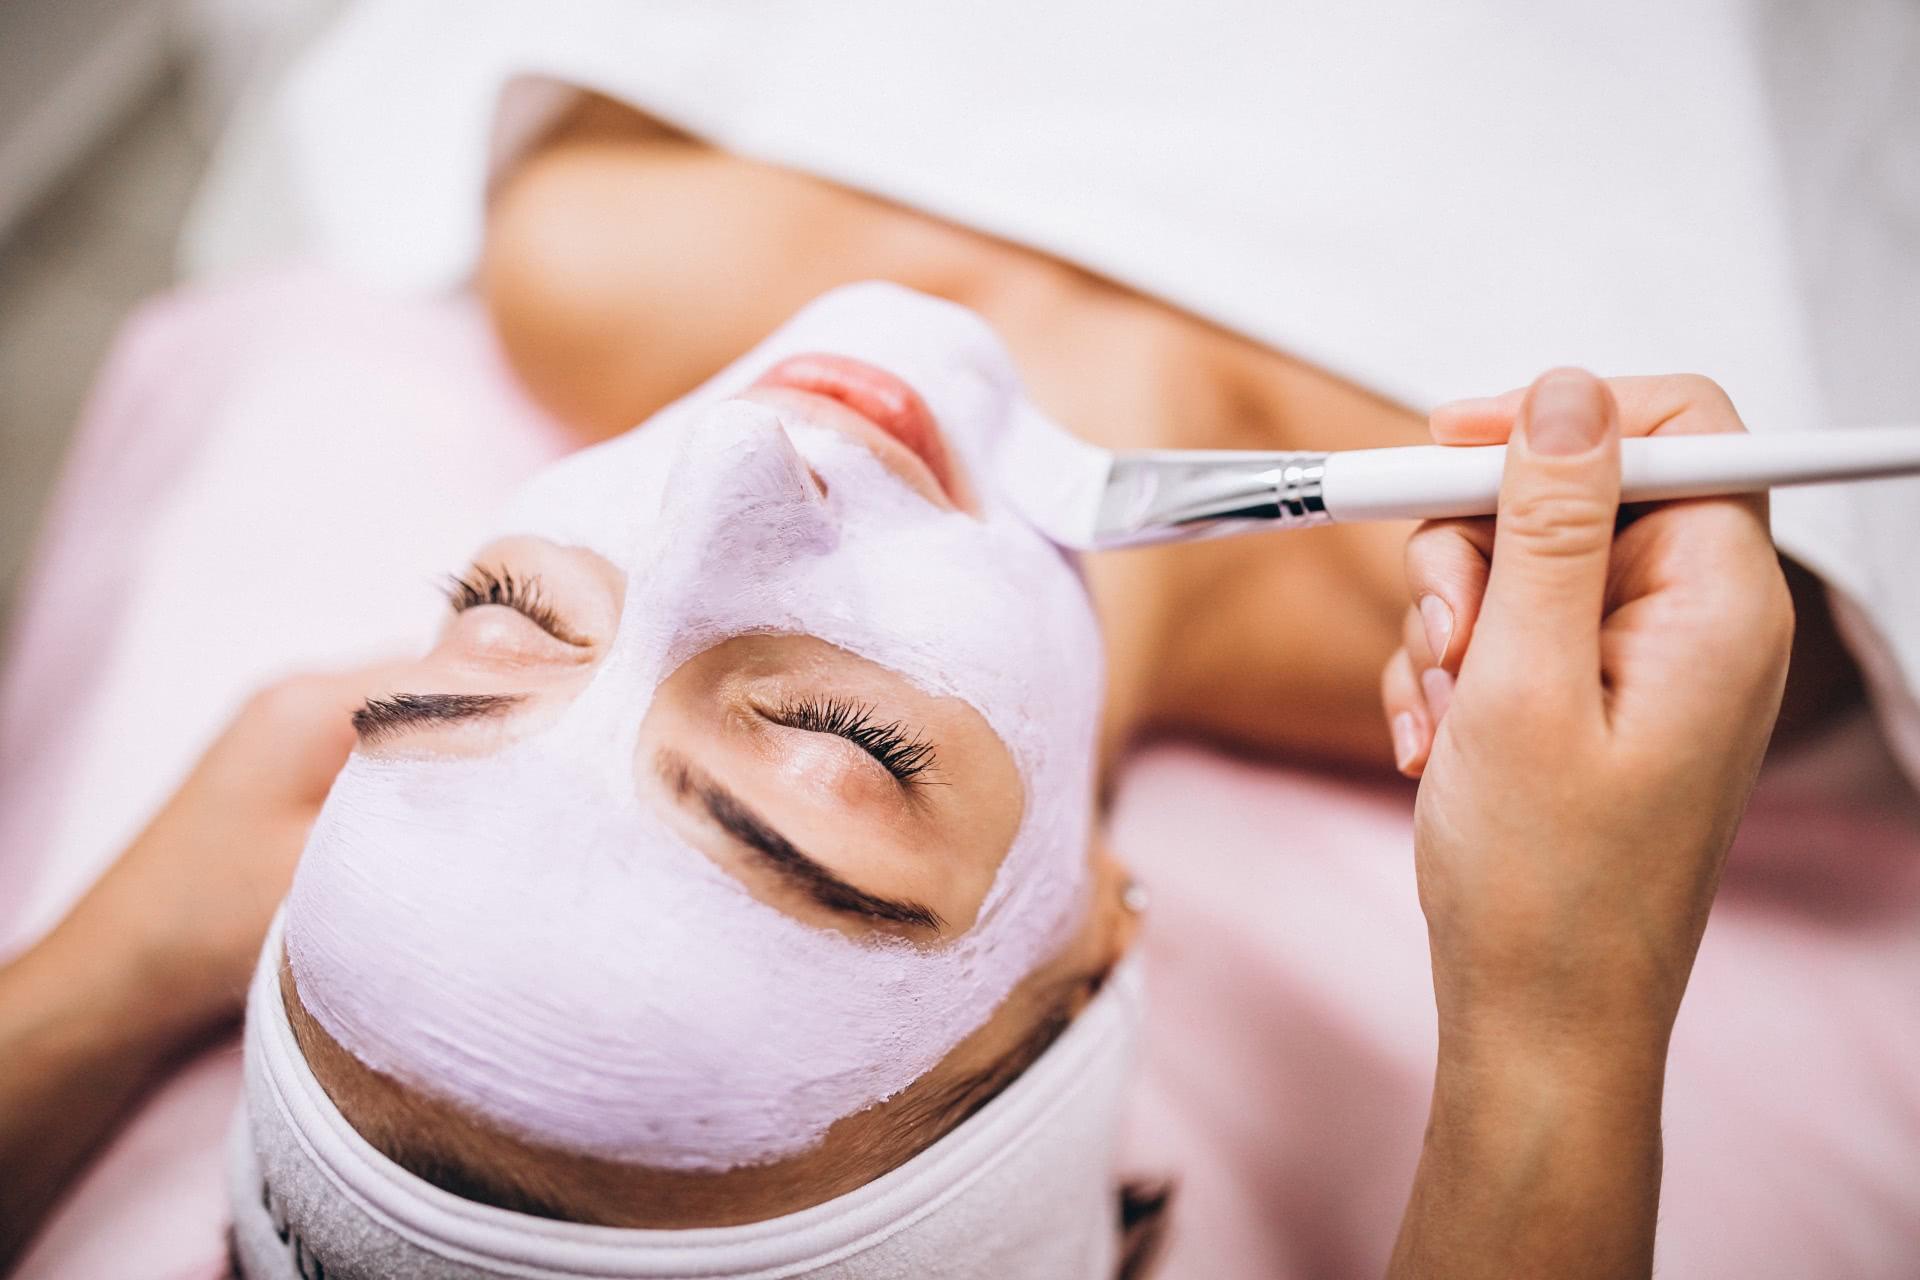 kozmetikai bőrmegújító arckezelés, tavaszváró bőrmegújítás